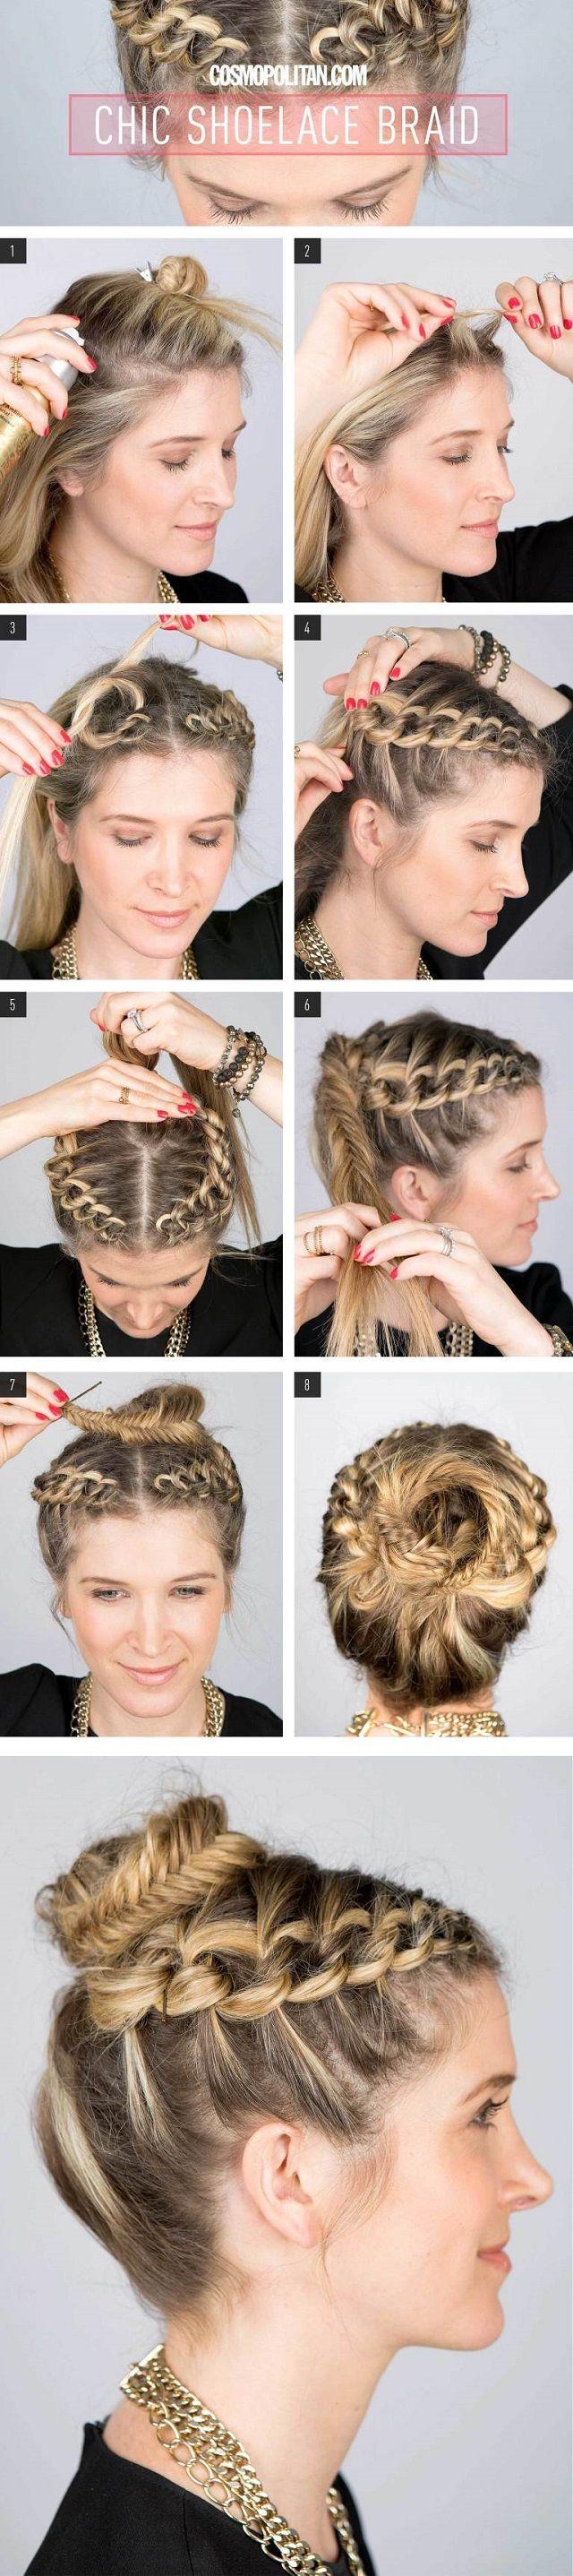 Cute Shoelace Braid – DIY Hairstyle